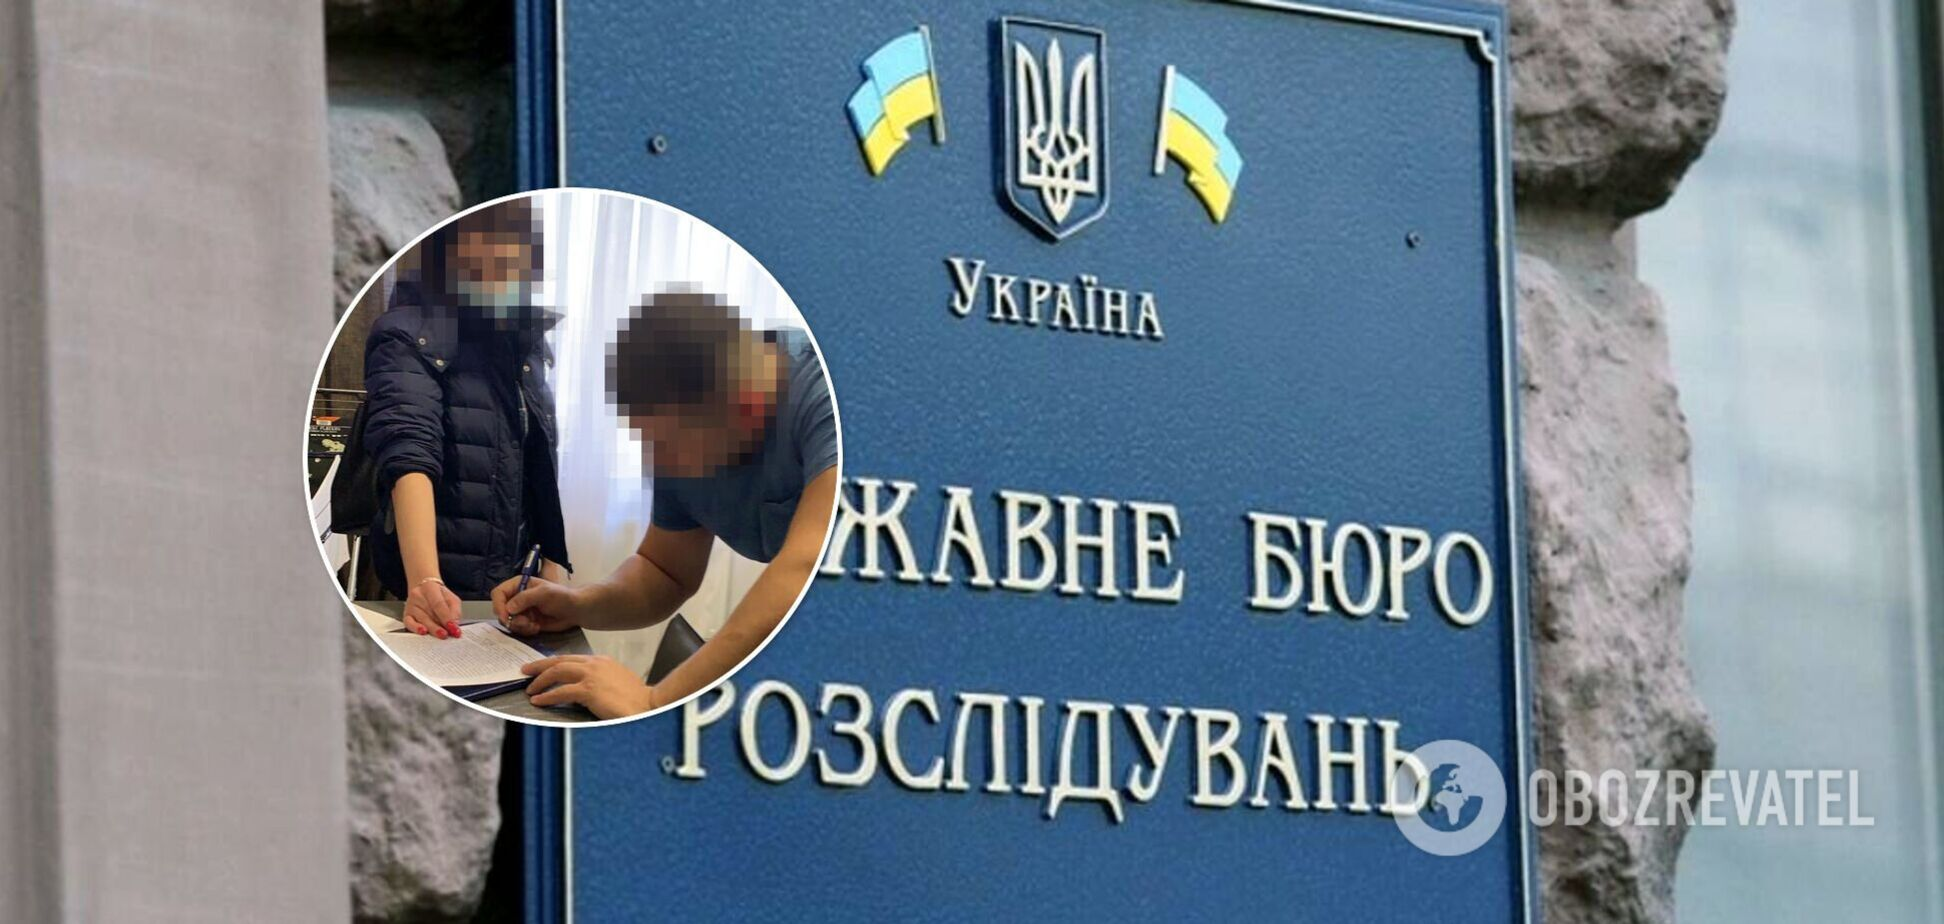 Житомирському депутату оголосили підозру в розтраті 1,5 млн грн. Фото